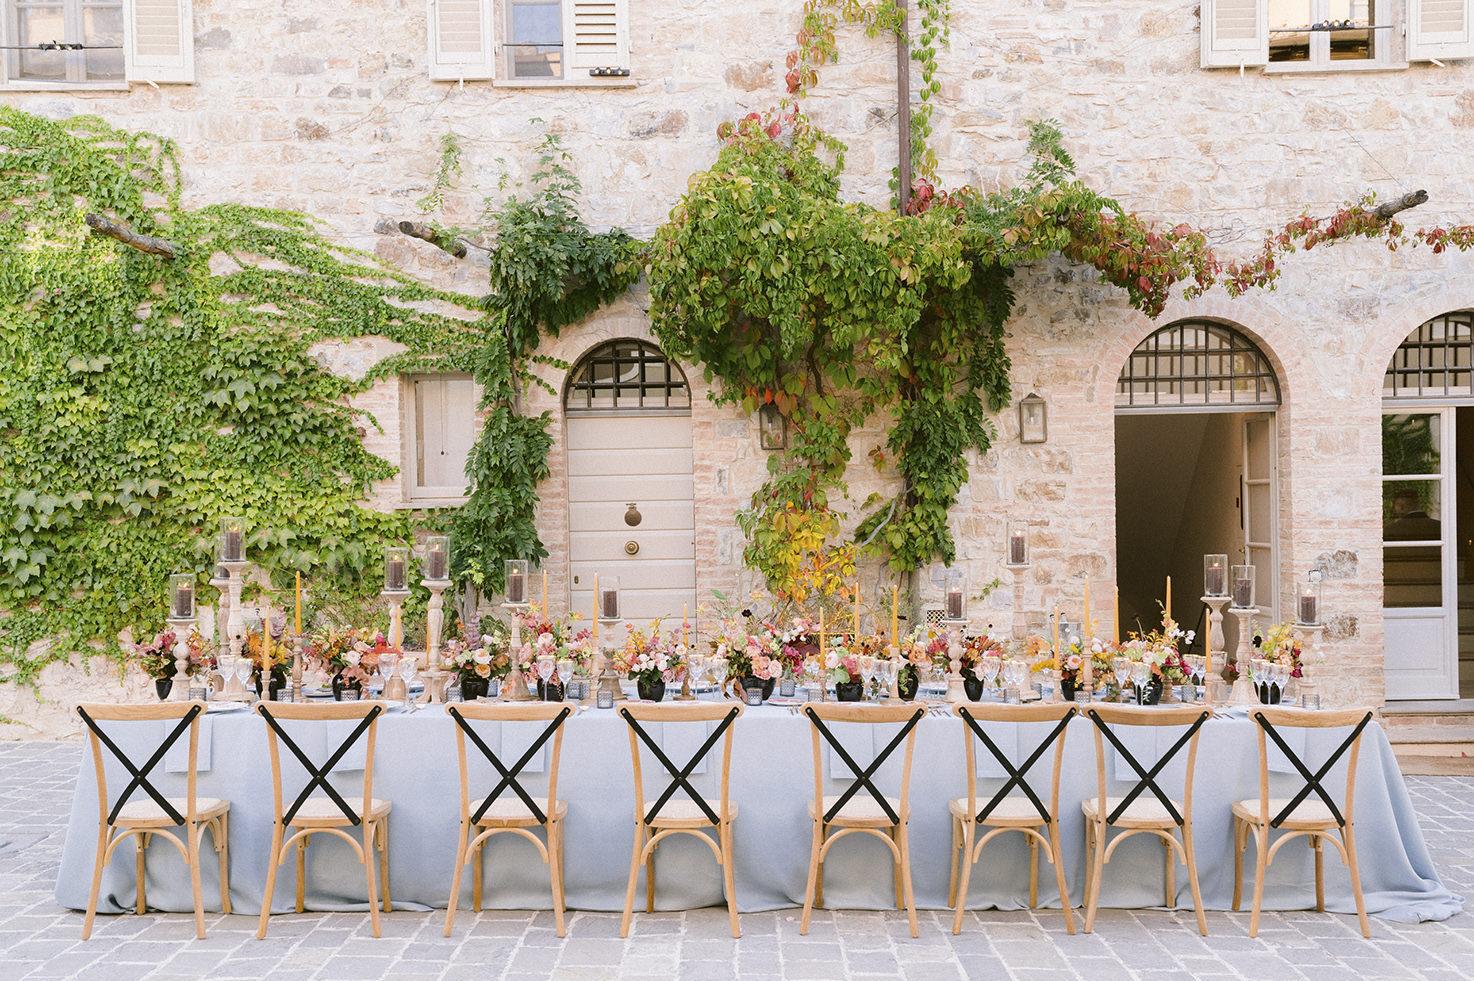 Decorations for wedding reception at Castiglion del Bosco in Tuscany